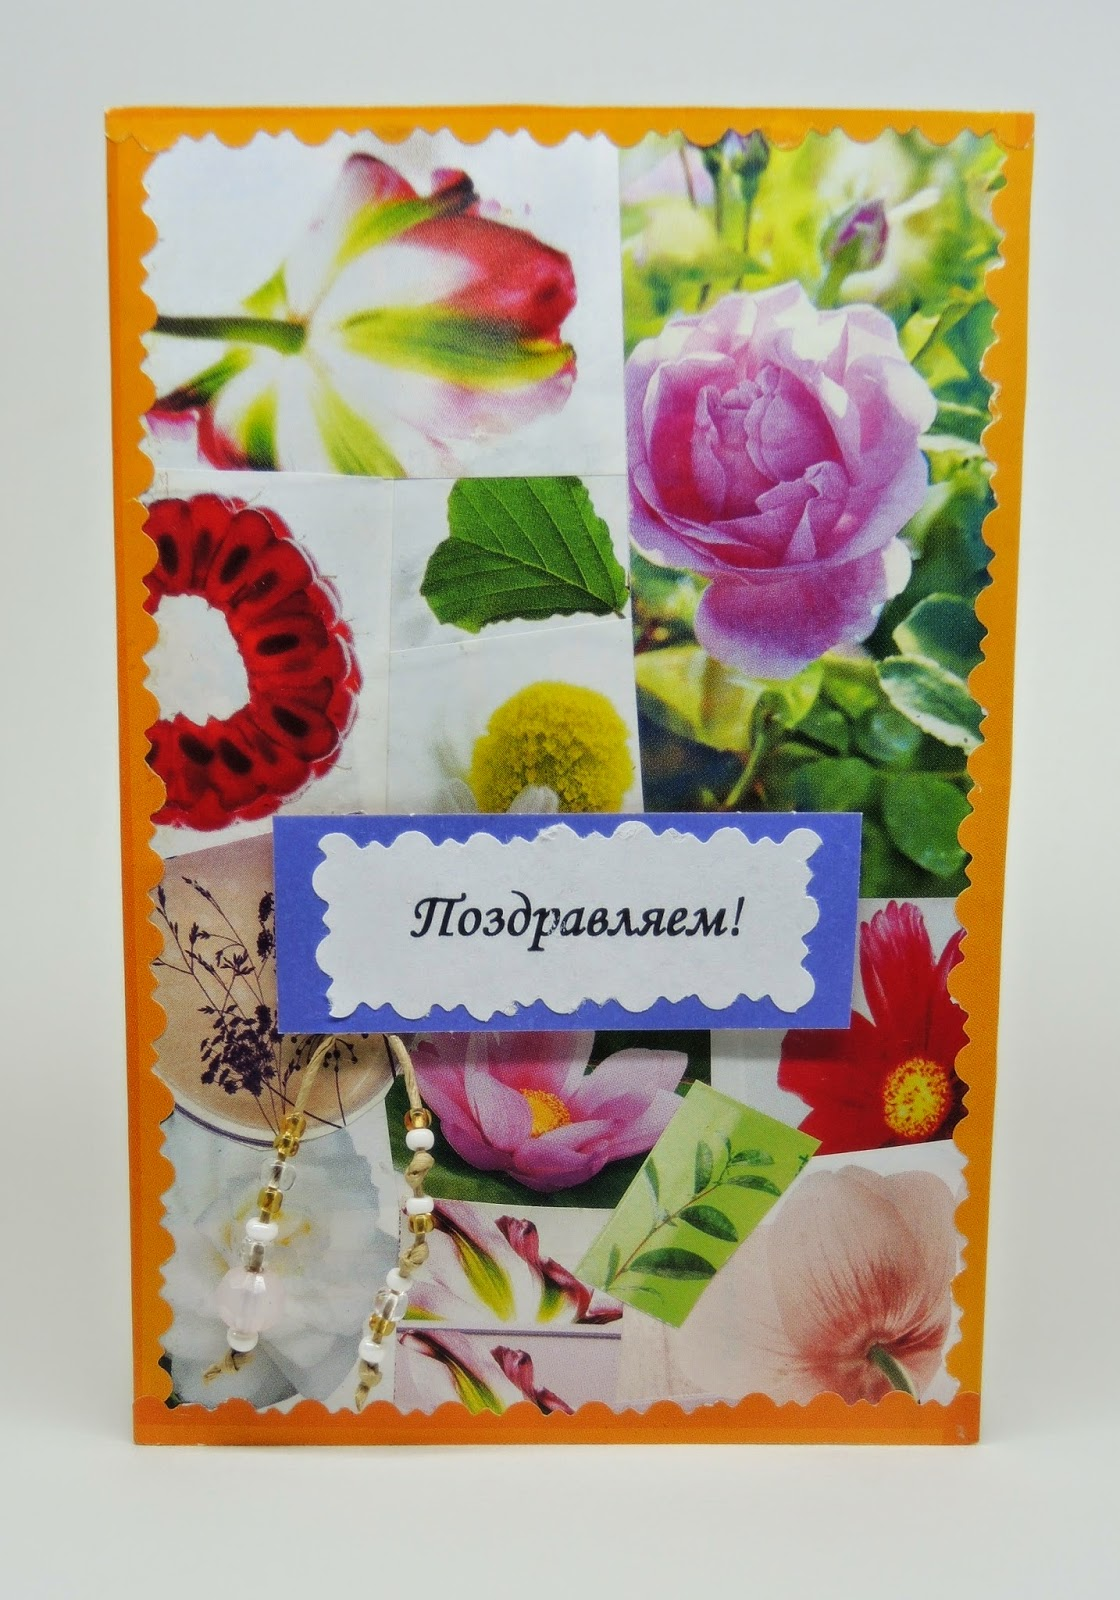 postcards. Jpg, открытка, открытки, открытки своими руками, сделать открытку, поздравления открытки, красивые открытки, открытка на день рождения своими руками, как сделать открытку, postcard pci, postcards, открытки ручной работы, цветы для открыток, шоколадница,